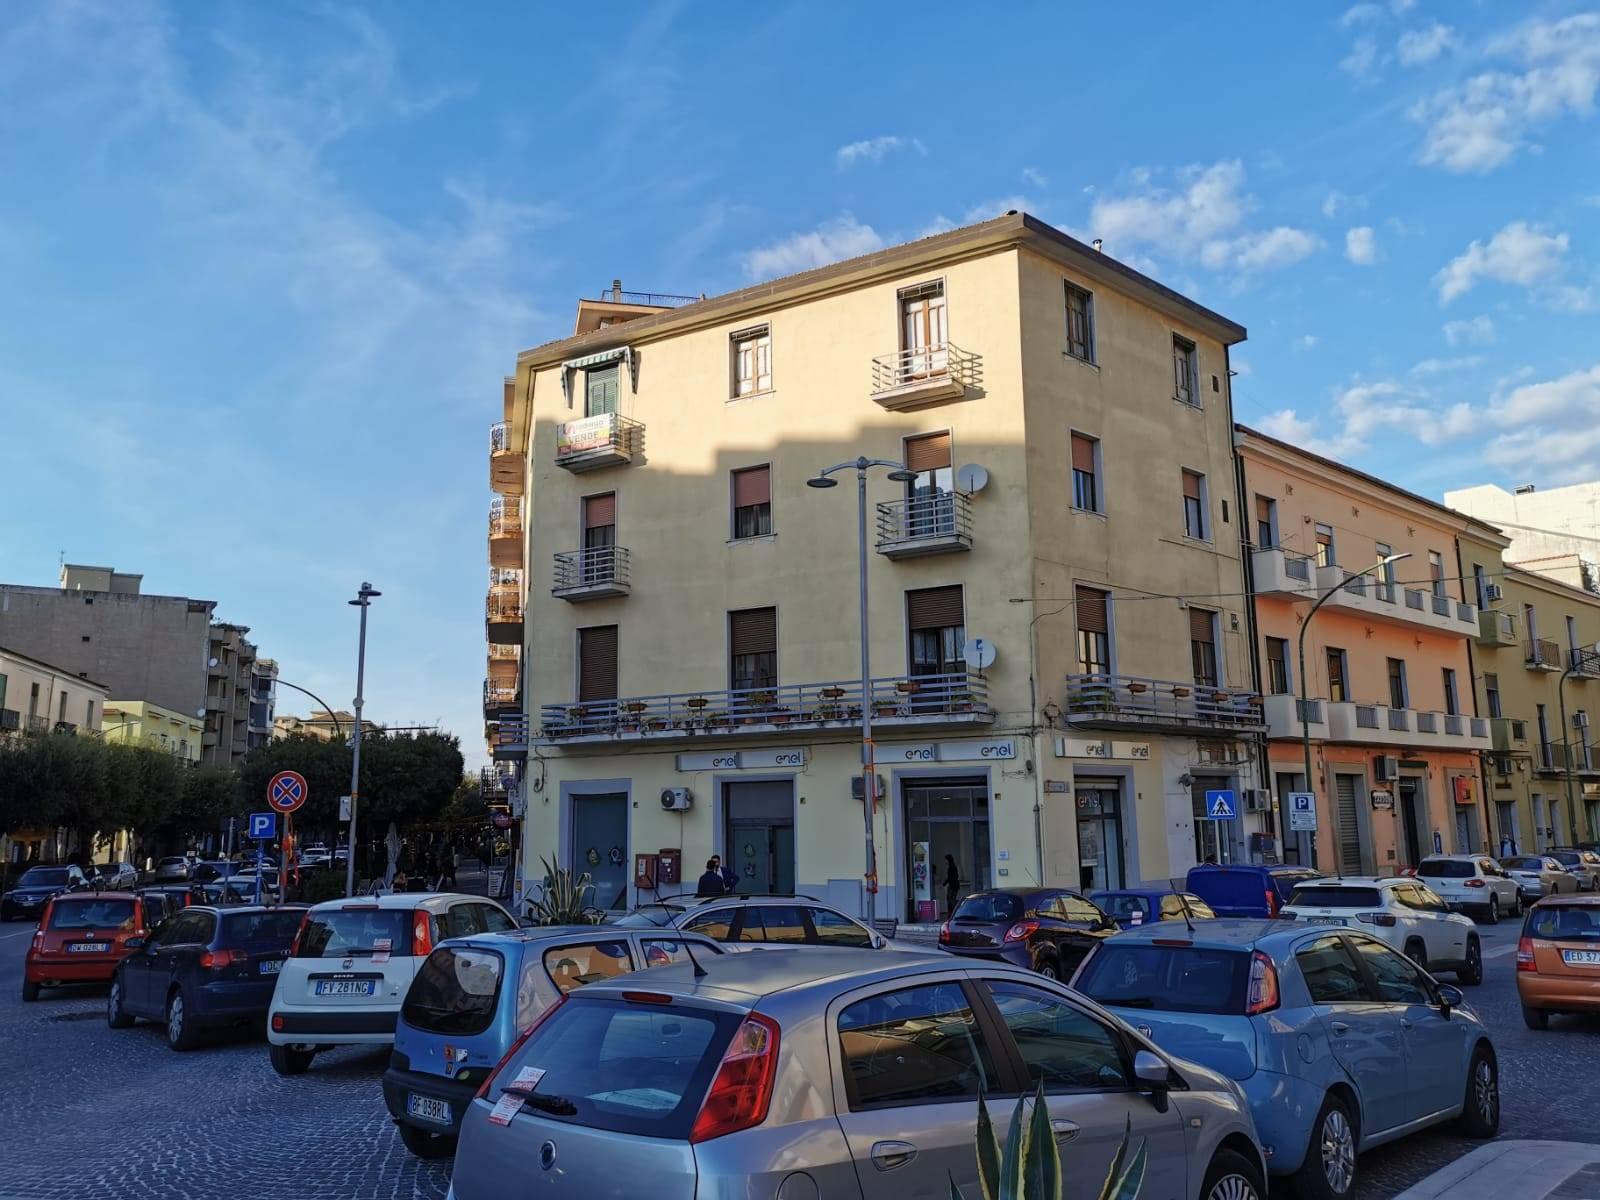 Appartamento in vendita a Benevento, 4 locali, zona Zona: Ferrovia, prezzo € 128.500 | CambioCasa.it